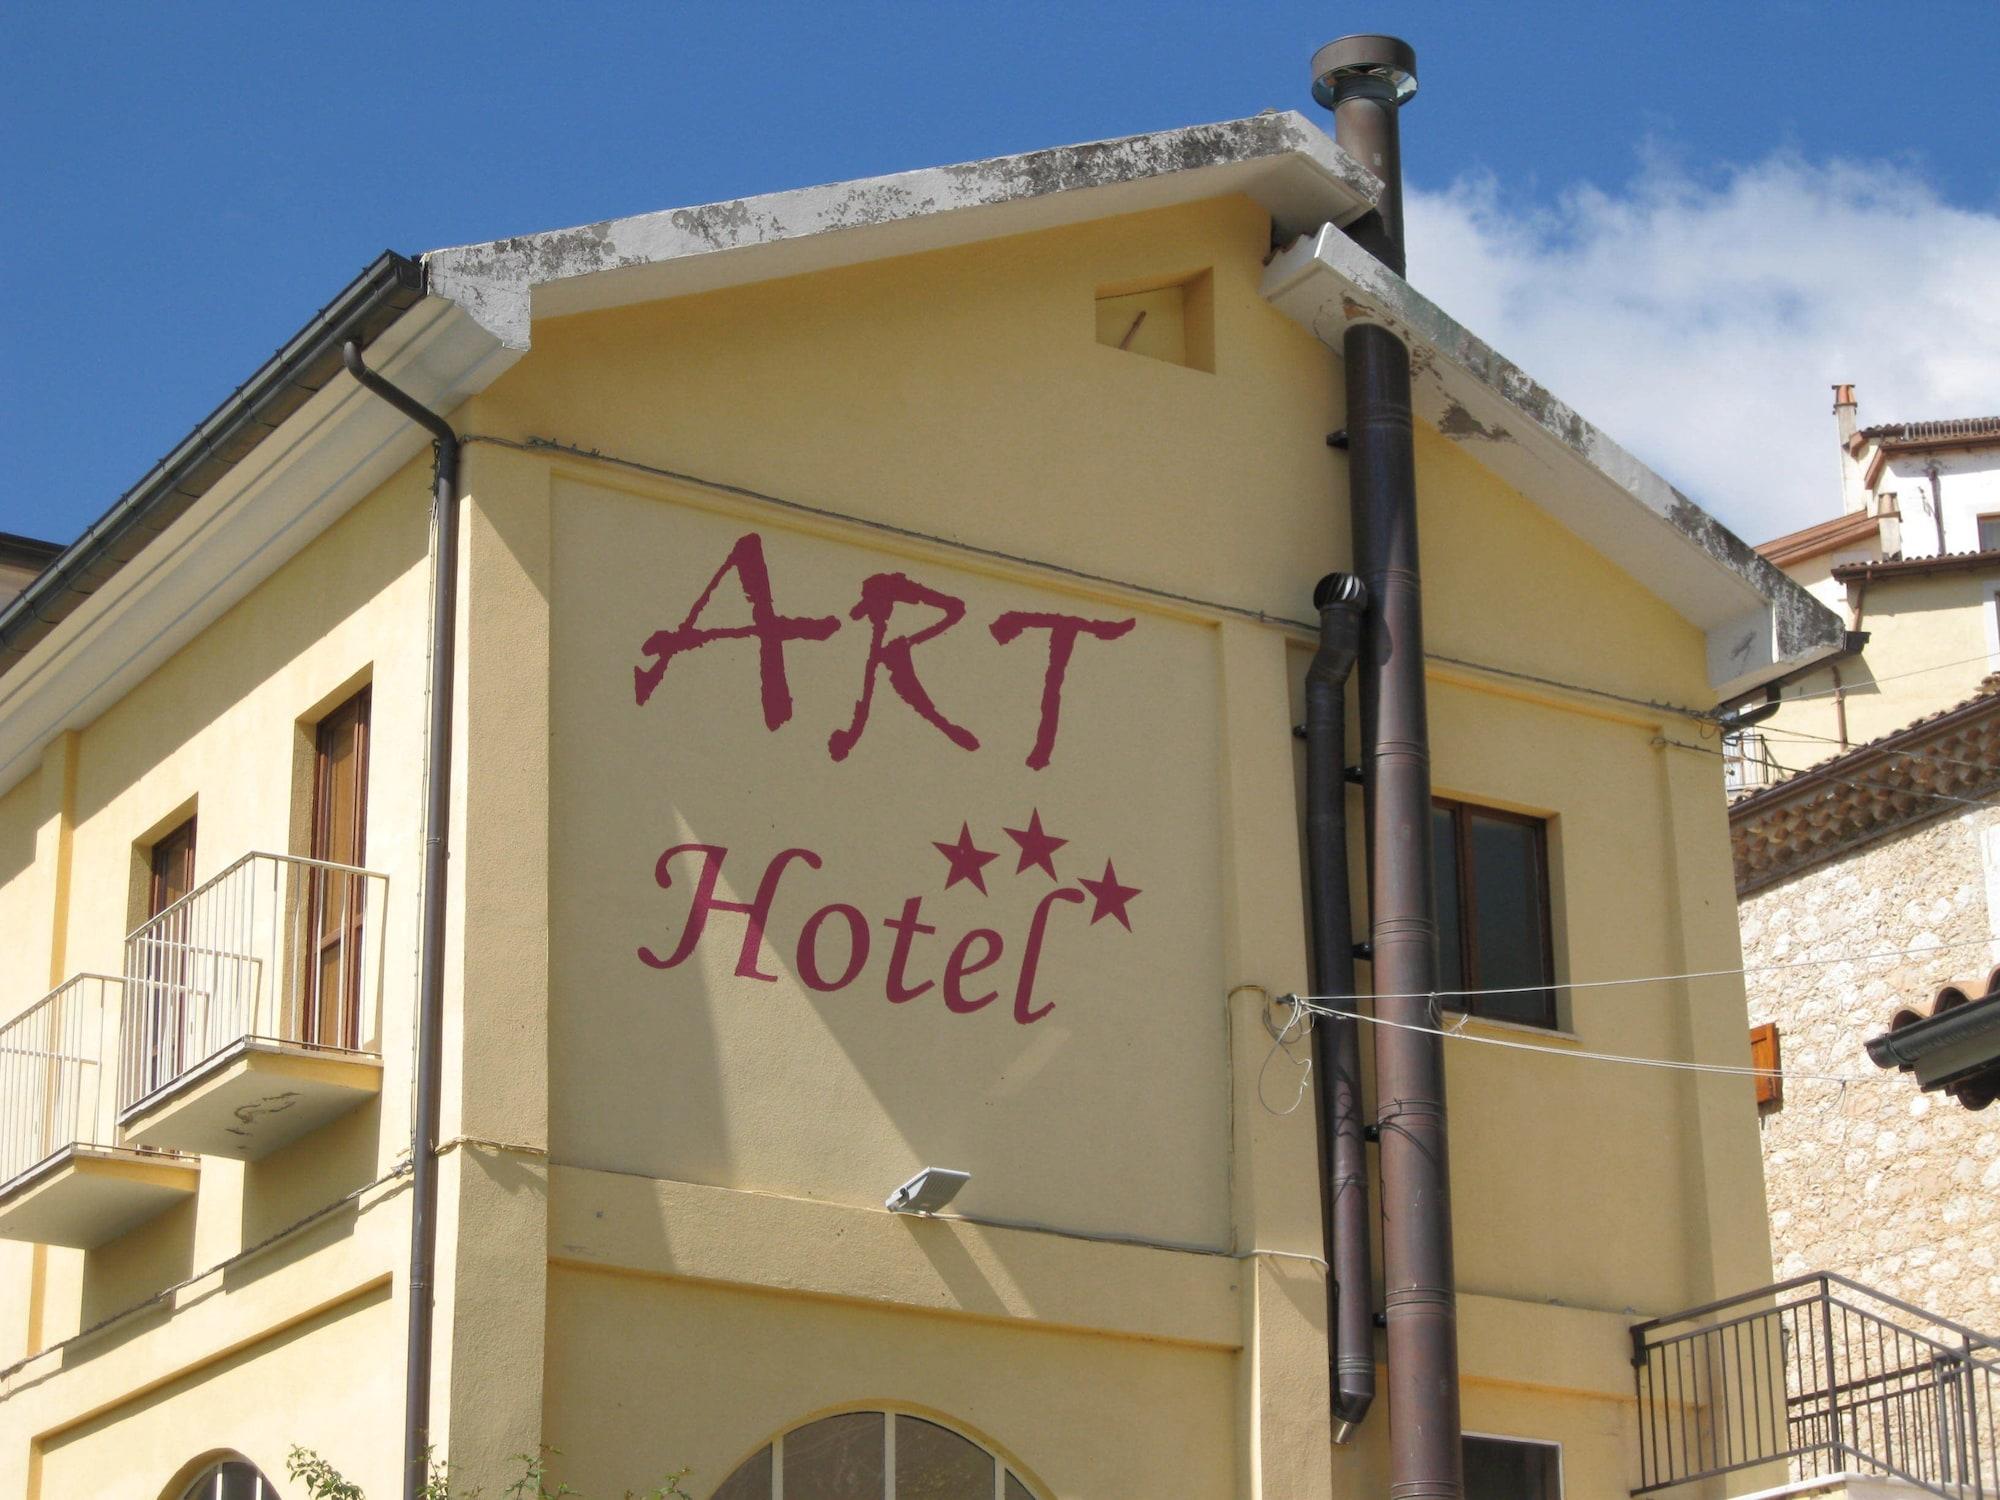 Art Hotel, L'Aquila